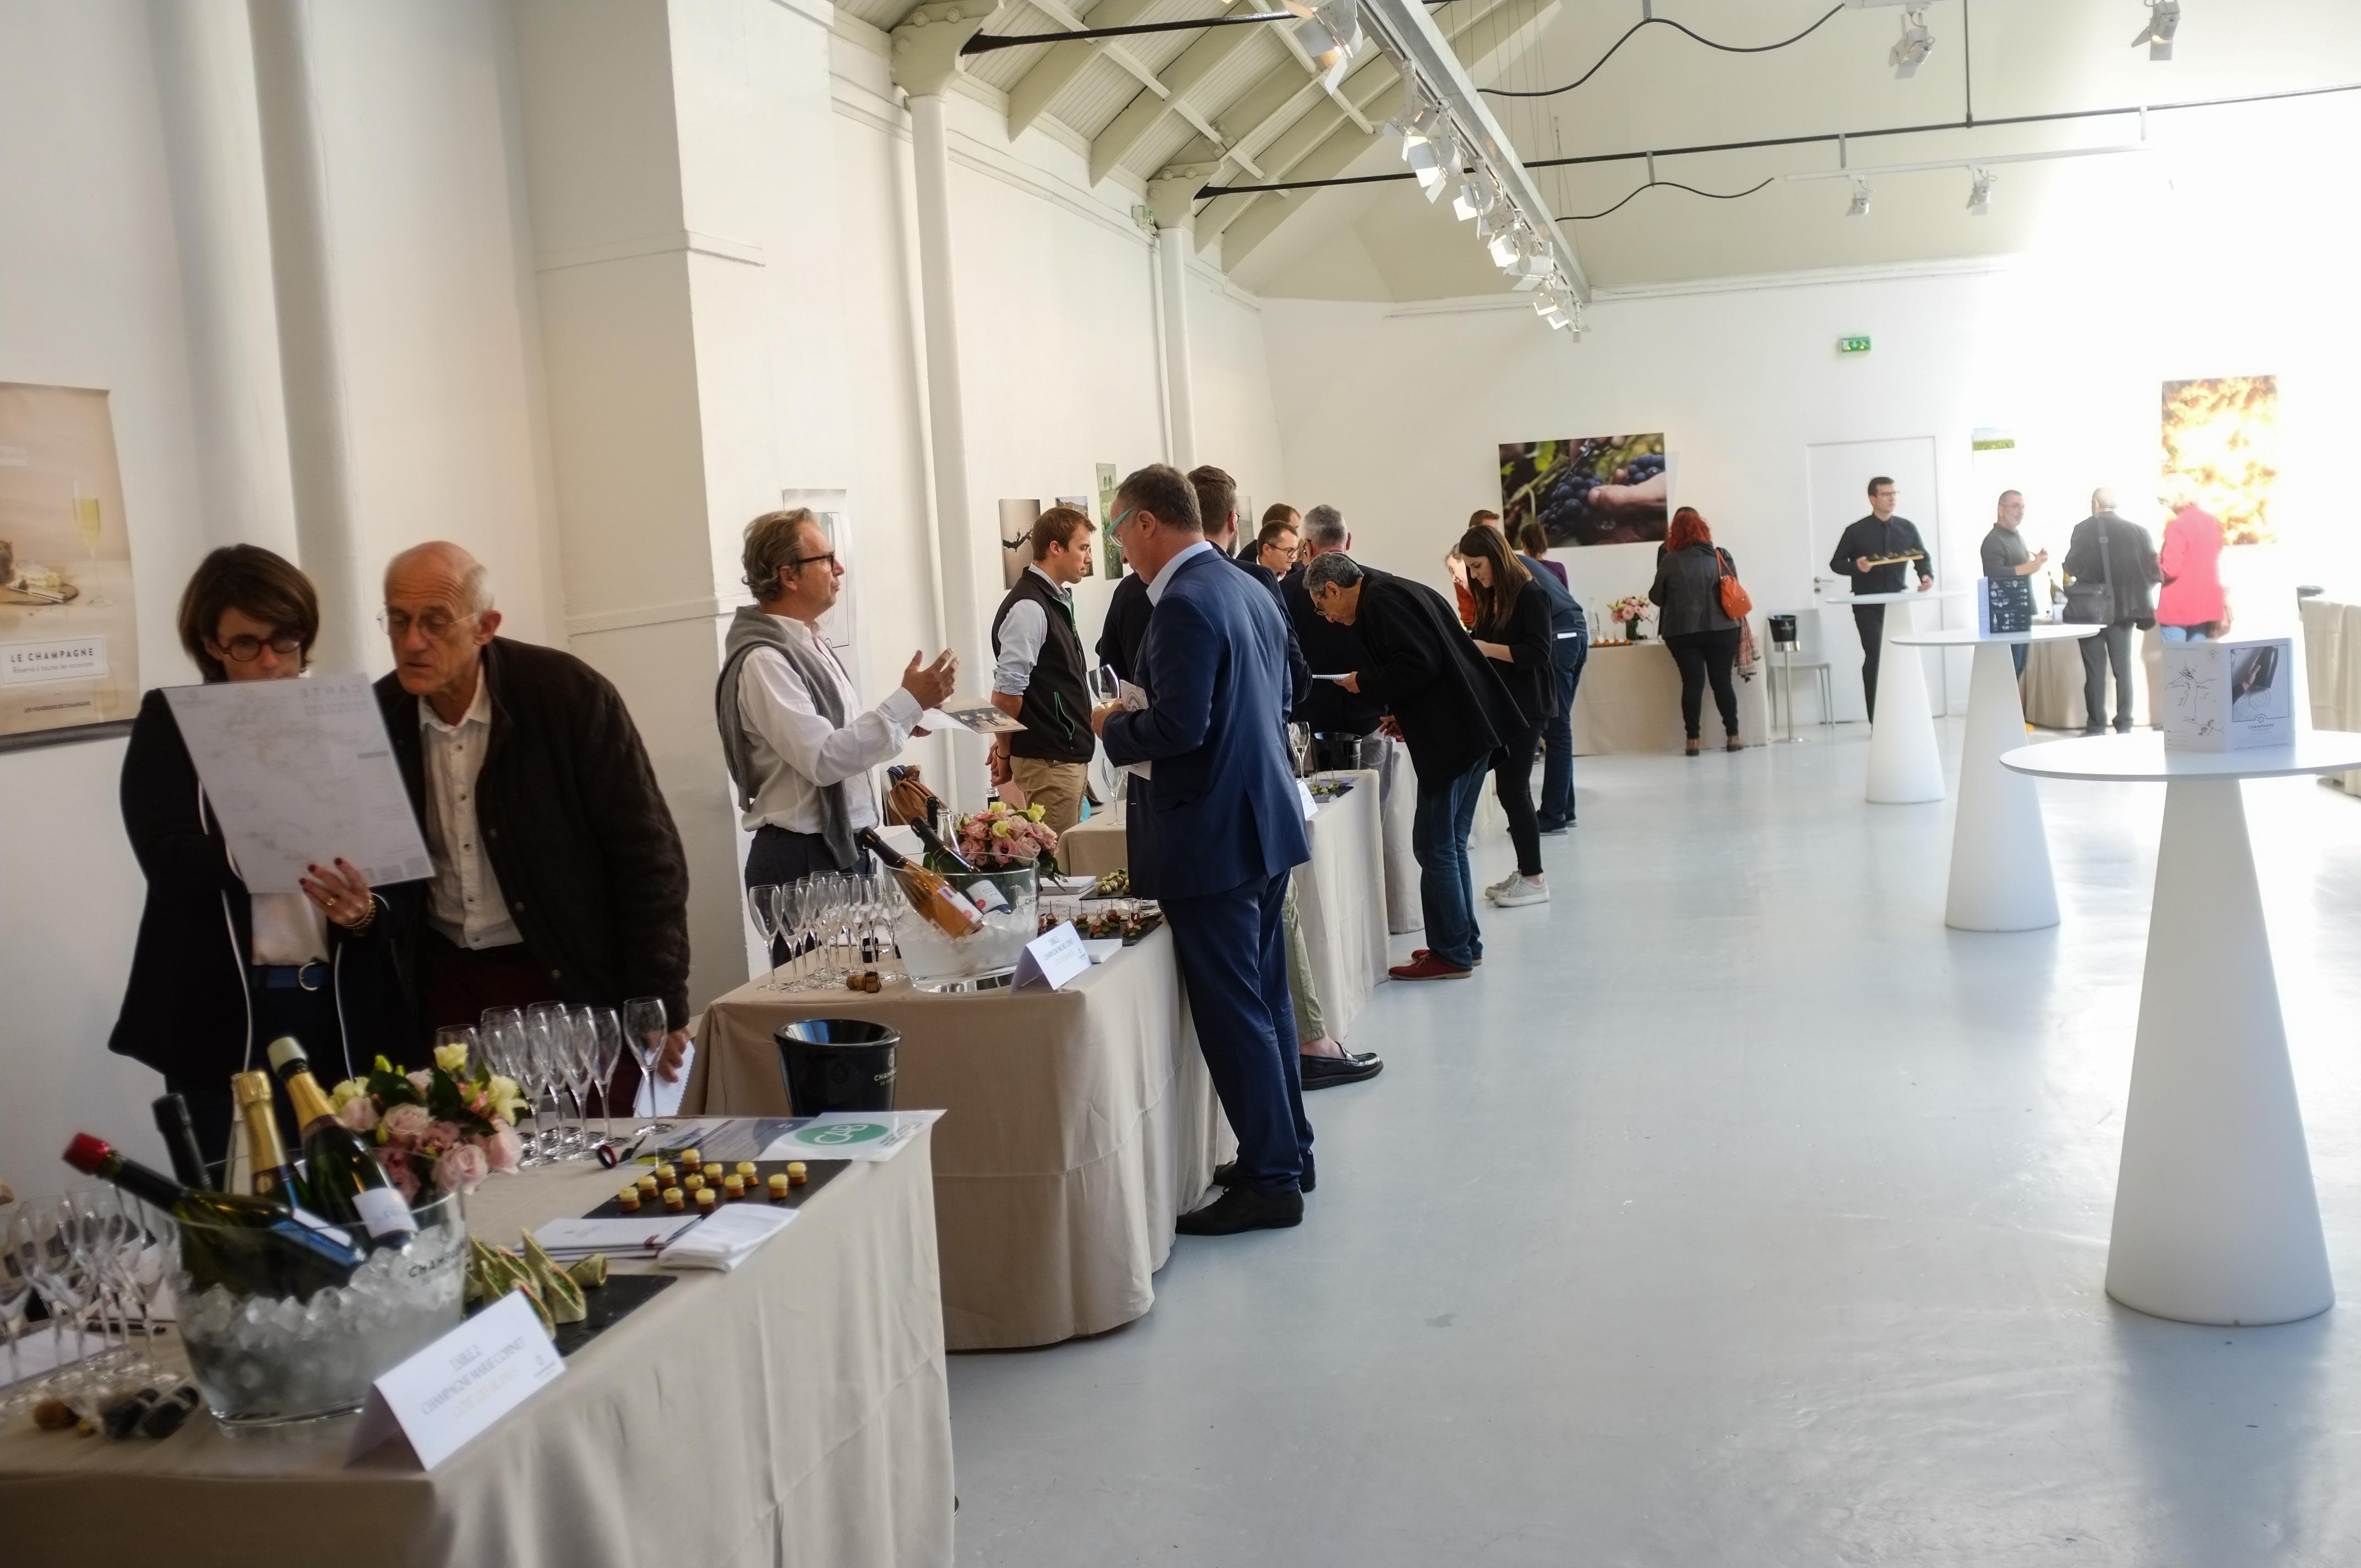 Grande dégustation 2018 champagne de vignerons Espace commines